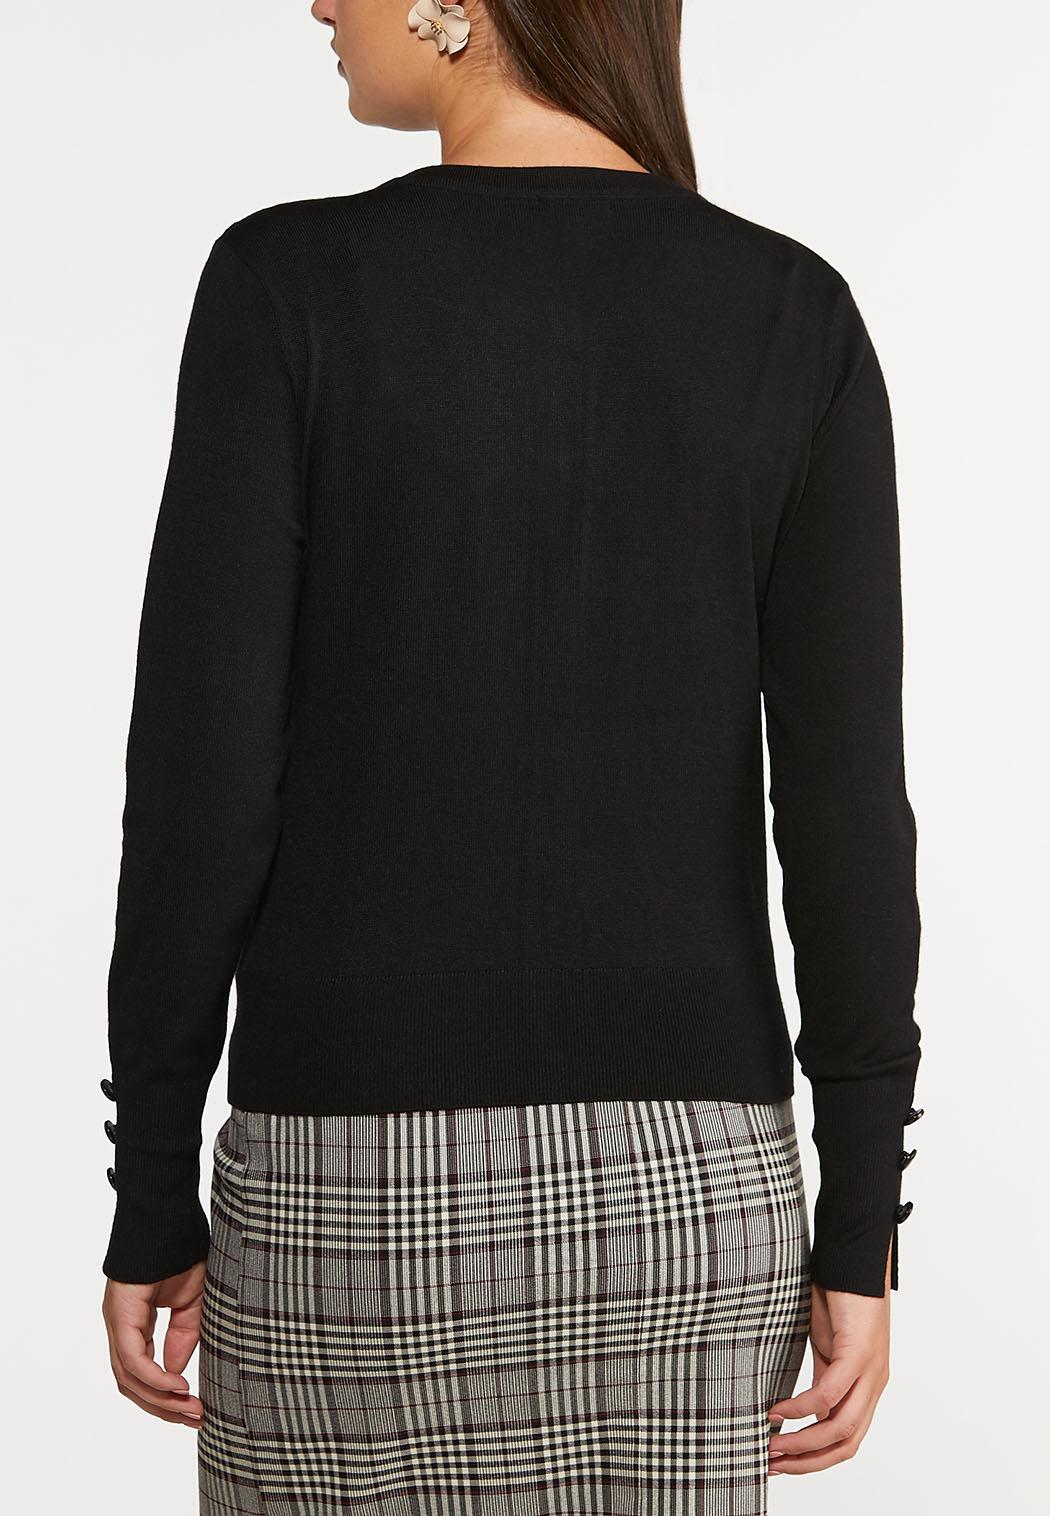 Plus Size Classic Black Cardigan Sweater (Item #44357309)